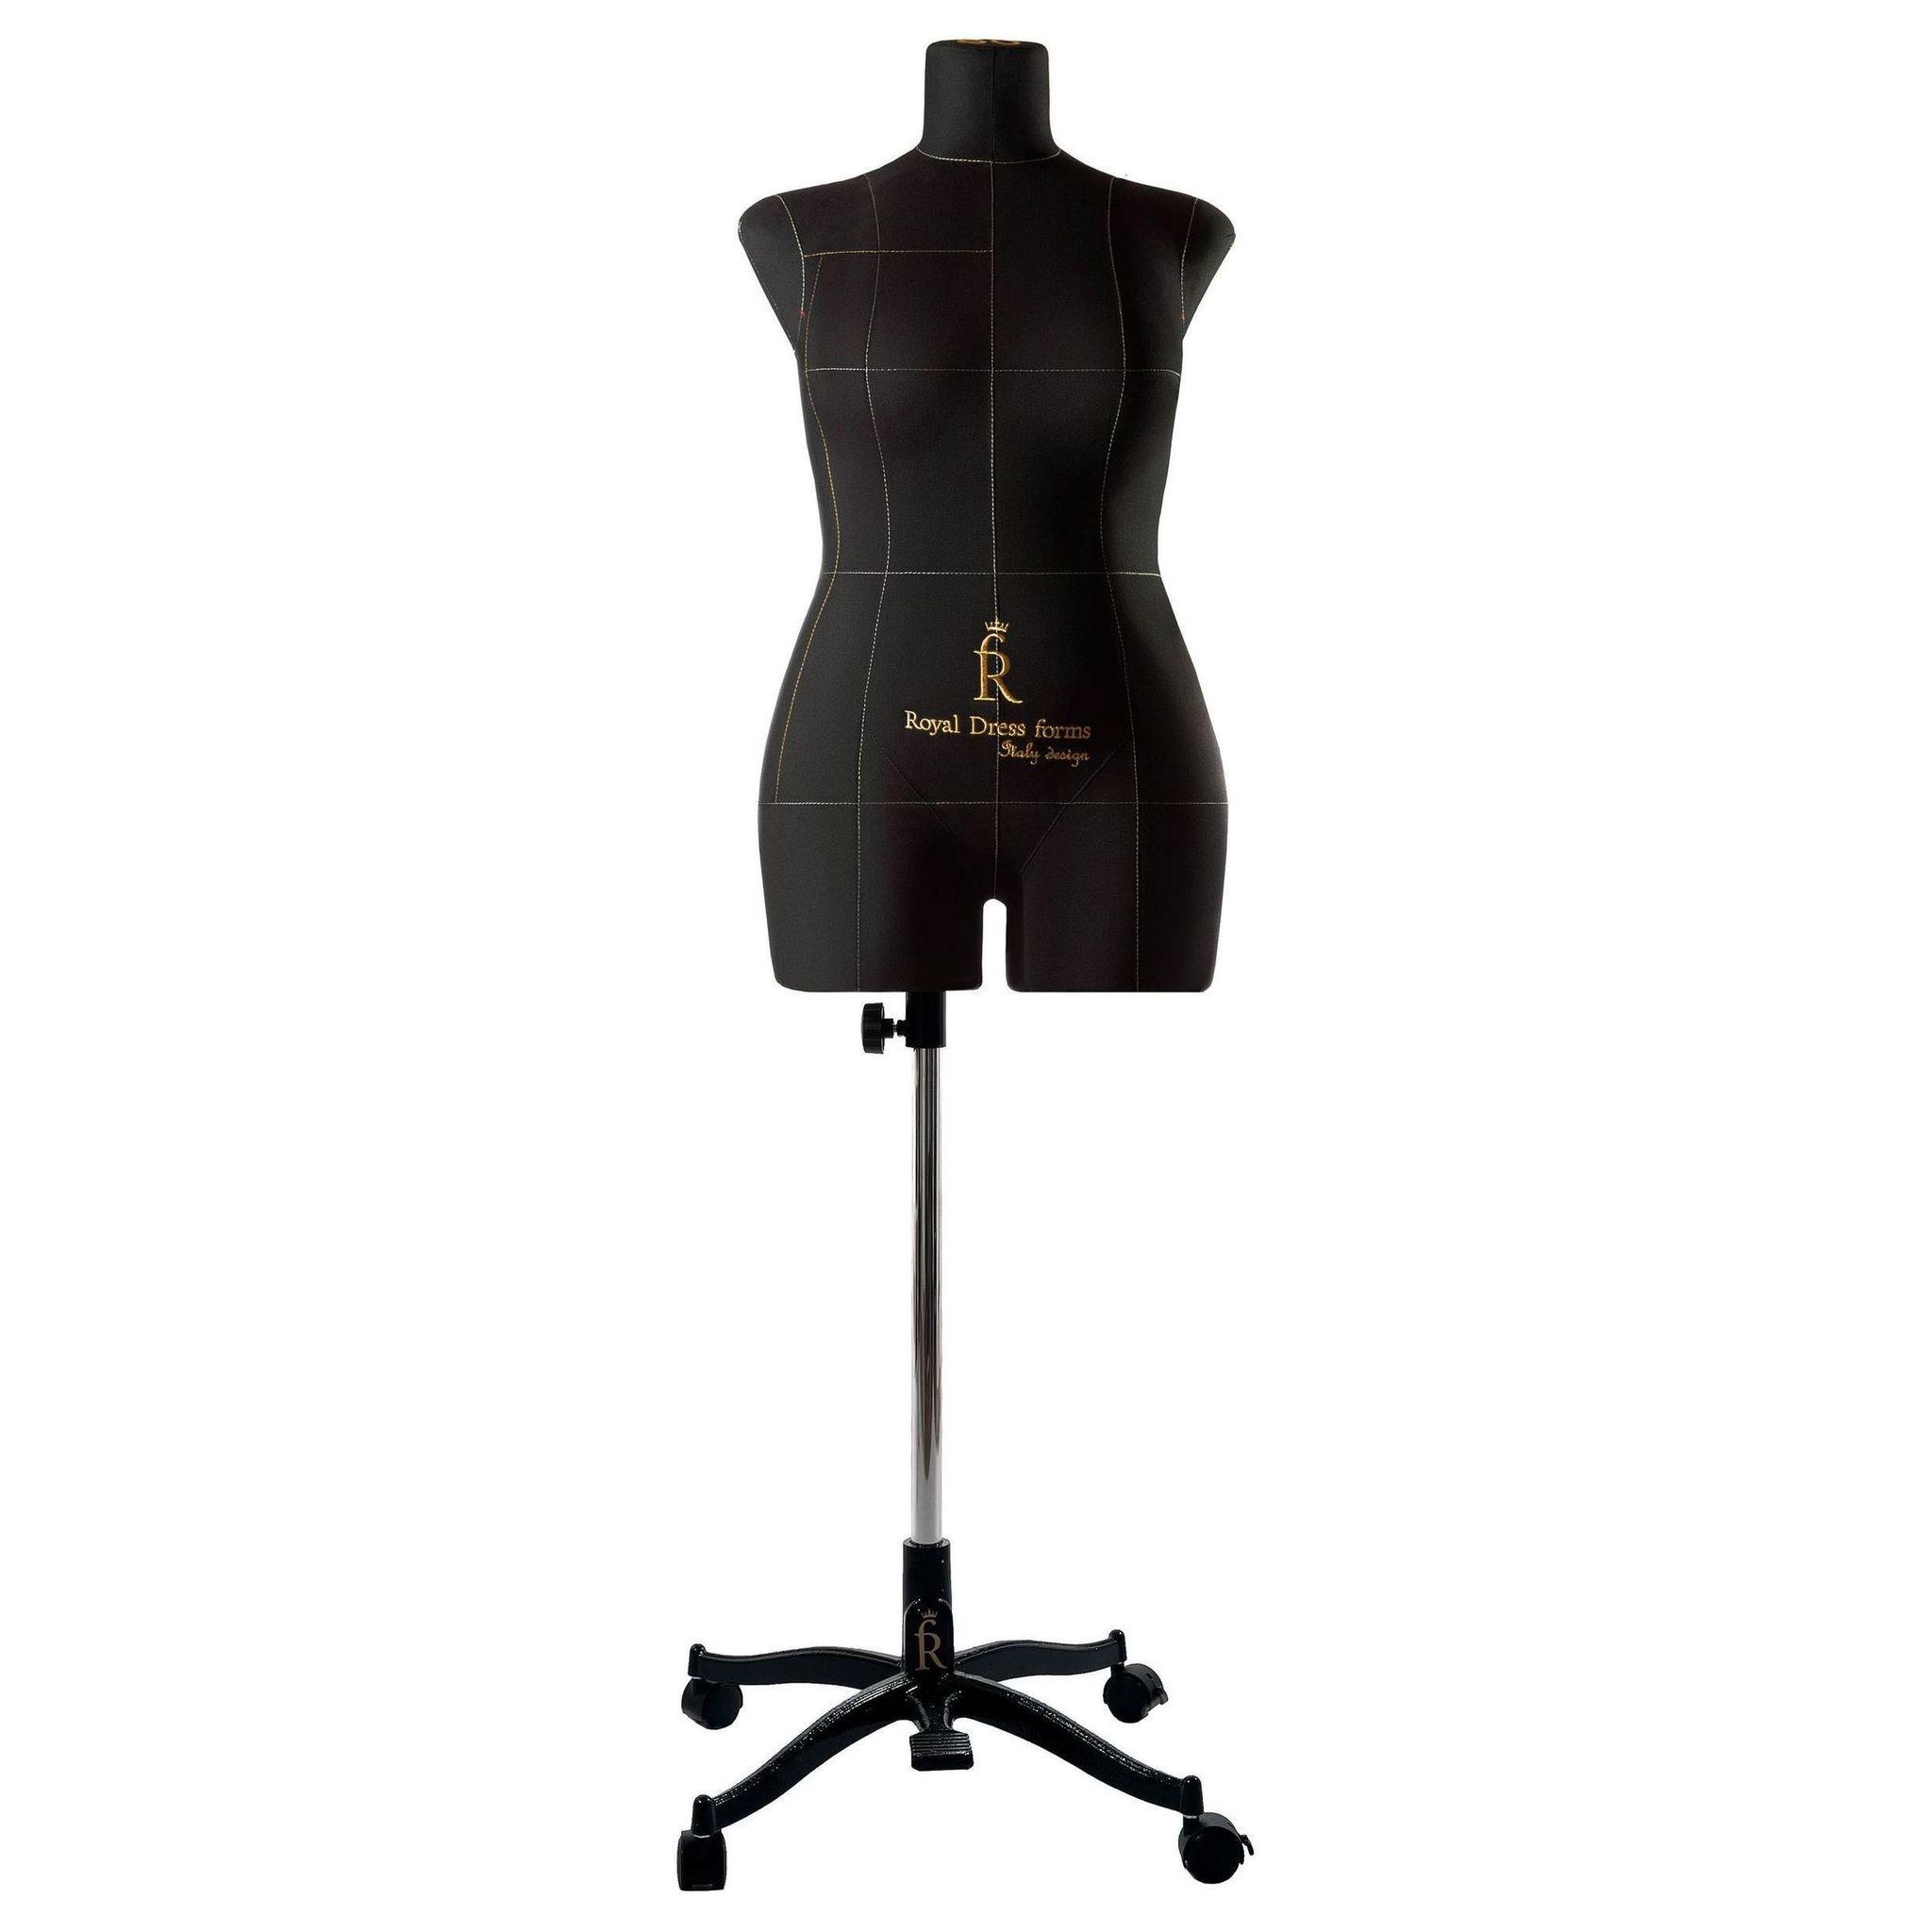 Манекен портновский Моника, комплект Стандарт, размер 50, ЧернаяФото 2